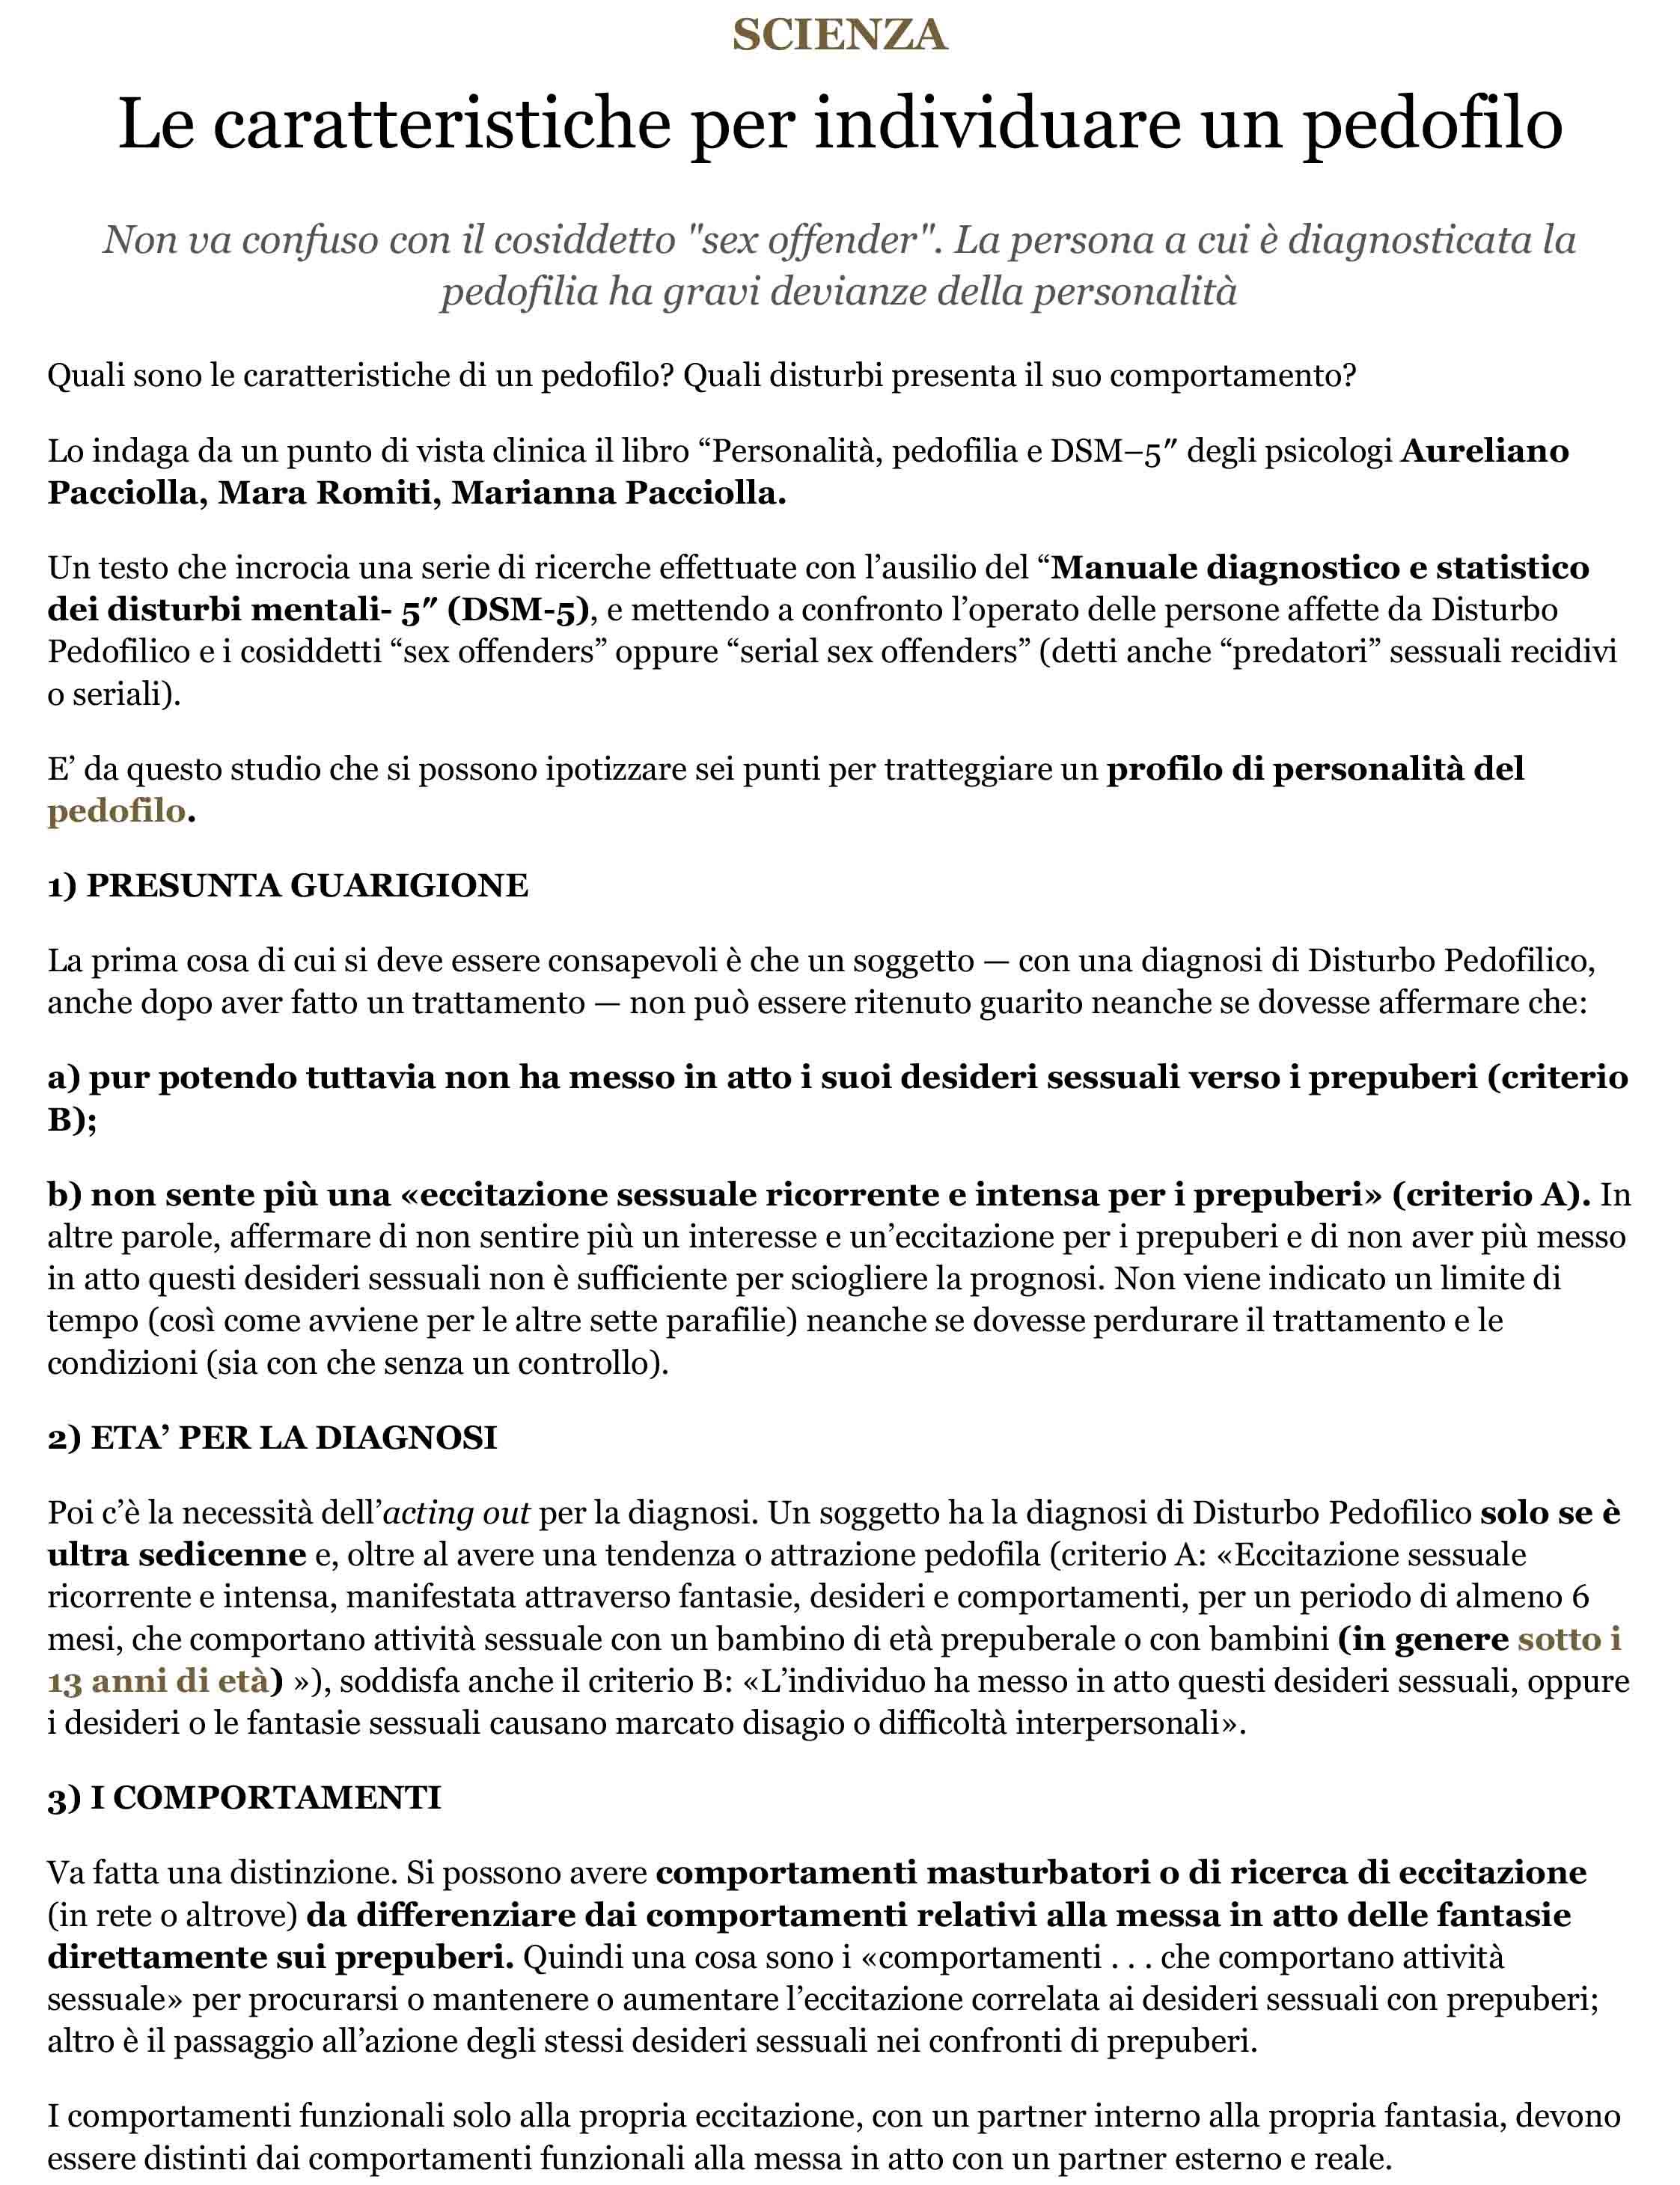 Le caratteristiche per individuare un pedofilo - Scienza, Stile di vita - Aleteia-1